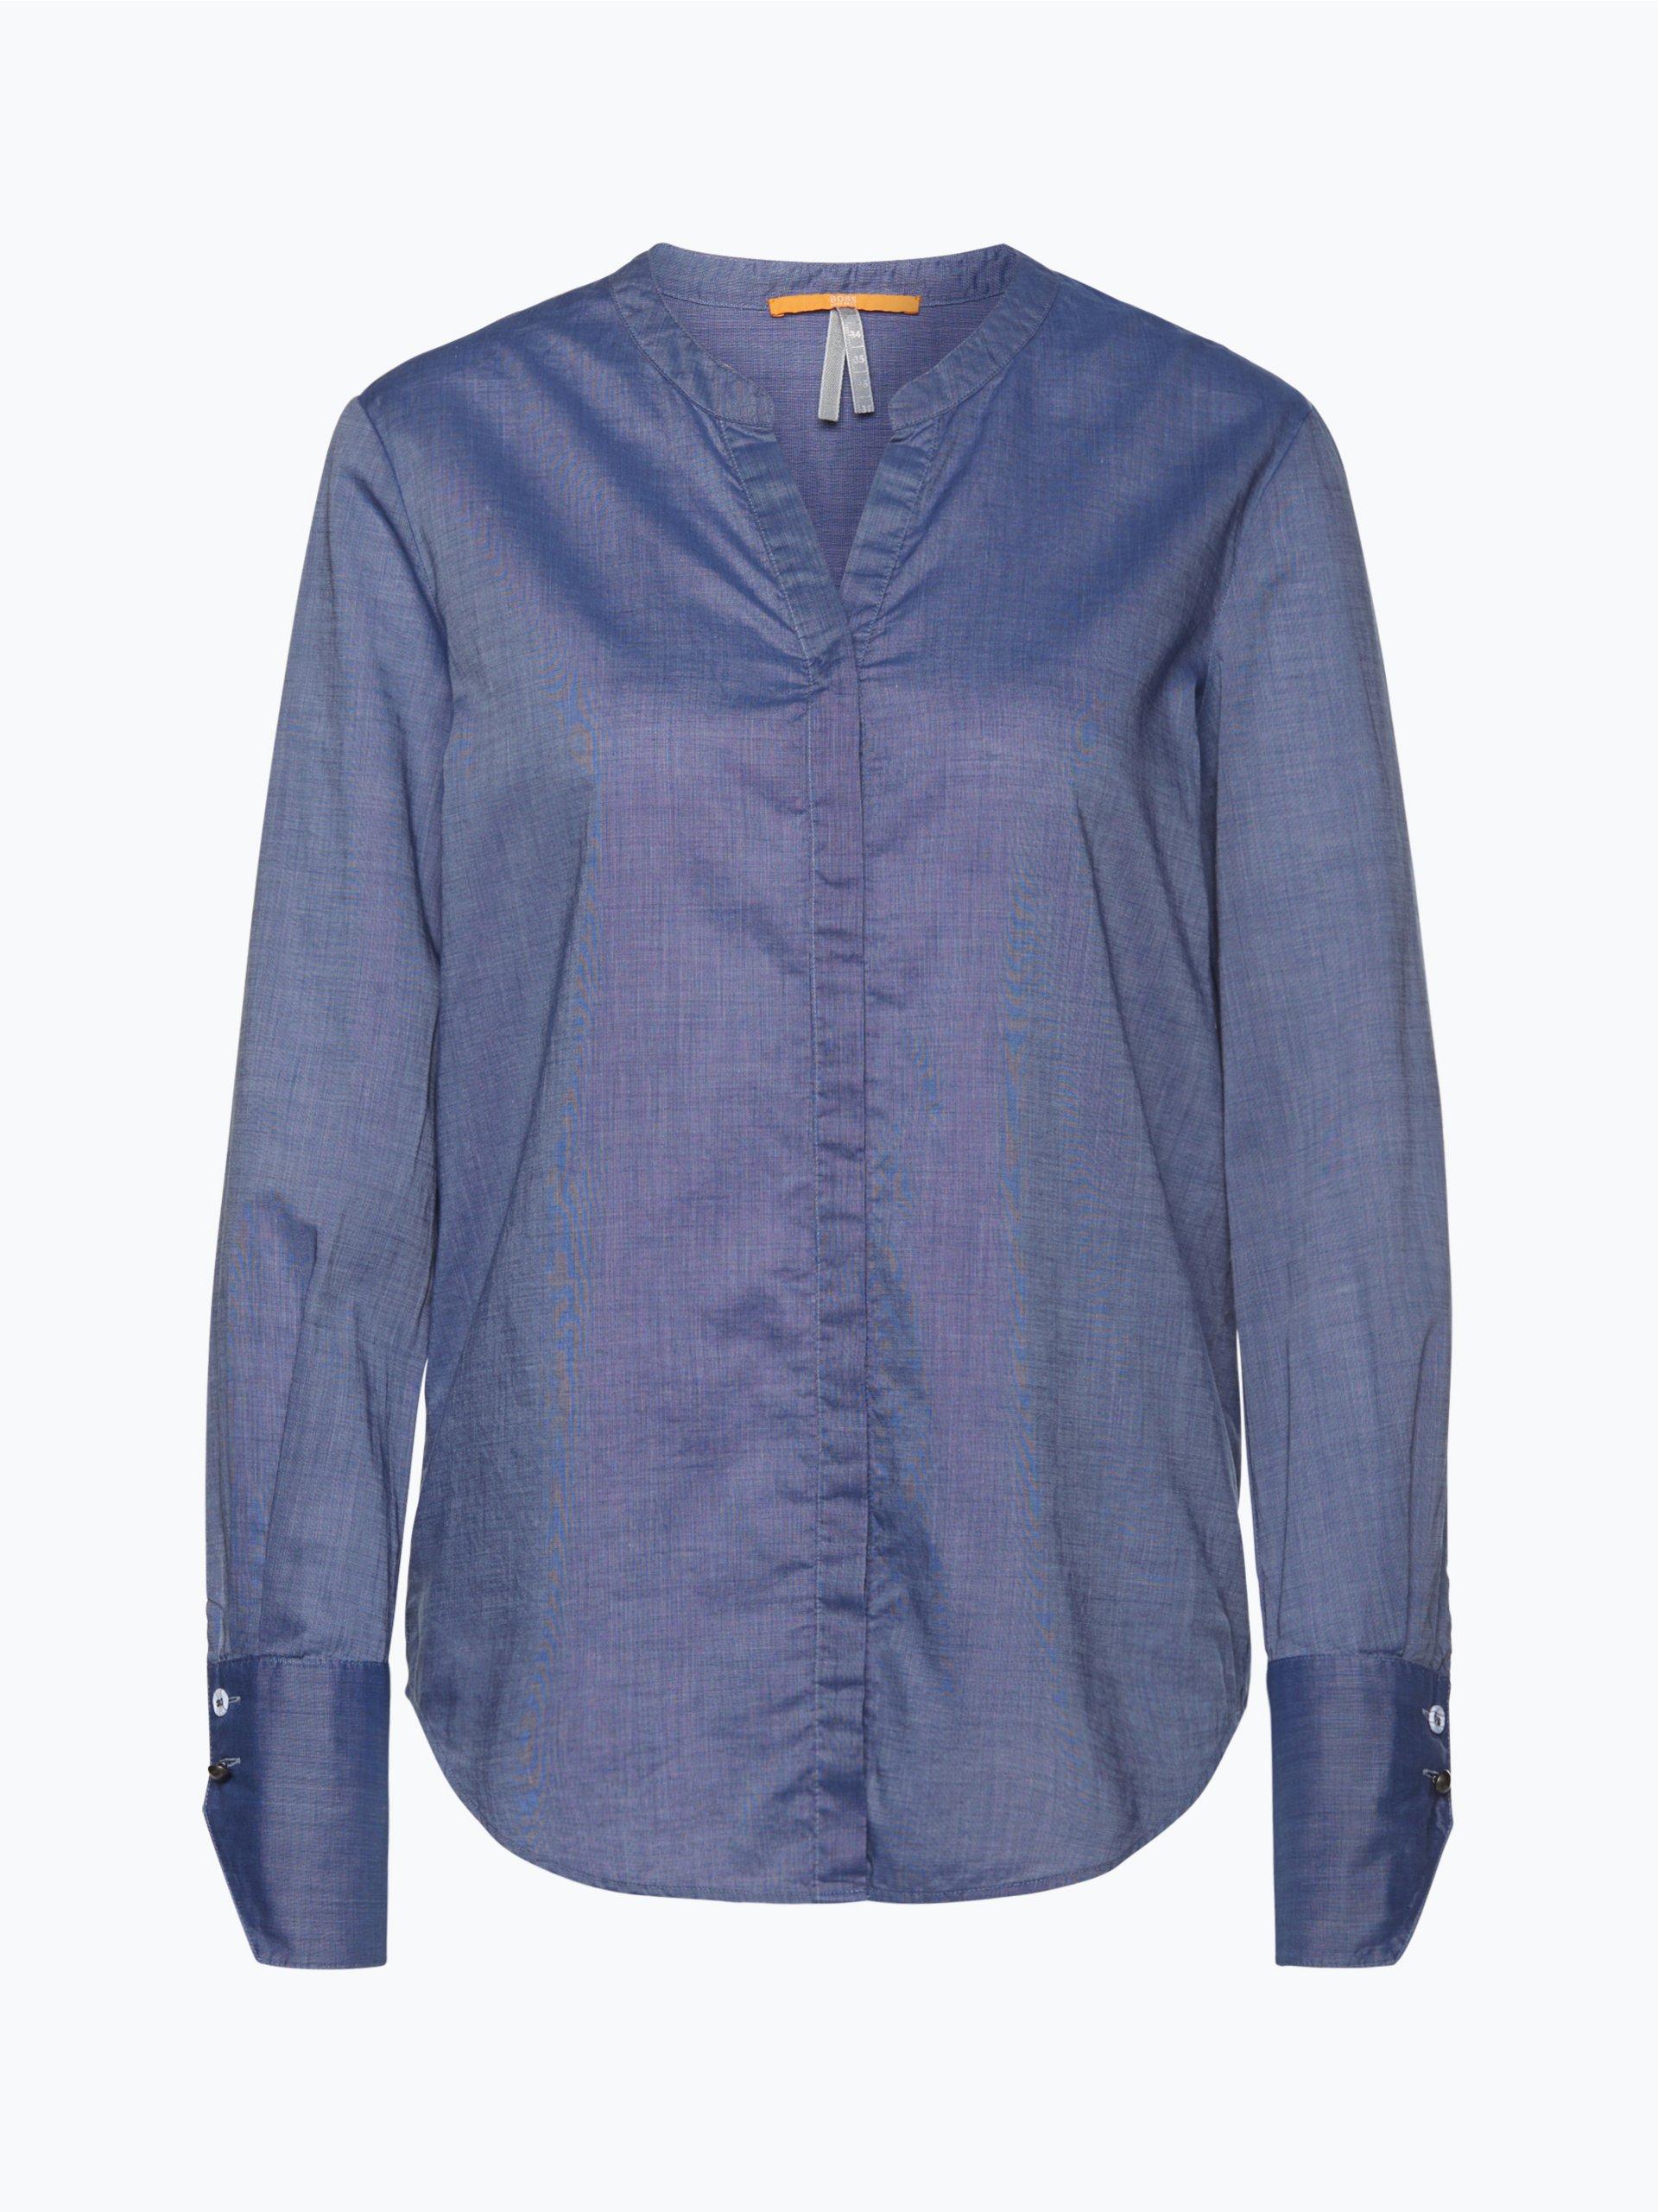 boss orange damen bluse efelize 11 marine uni online kaufen peek und cloppenburg de. Black Bedroom Furniture Sets. Home Design Ideas